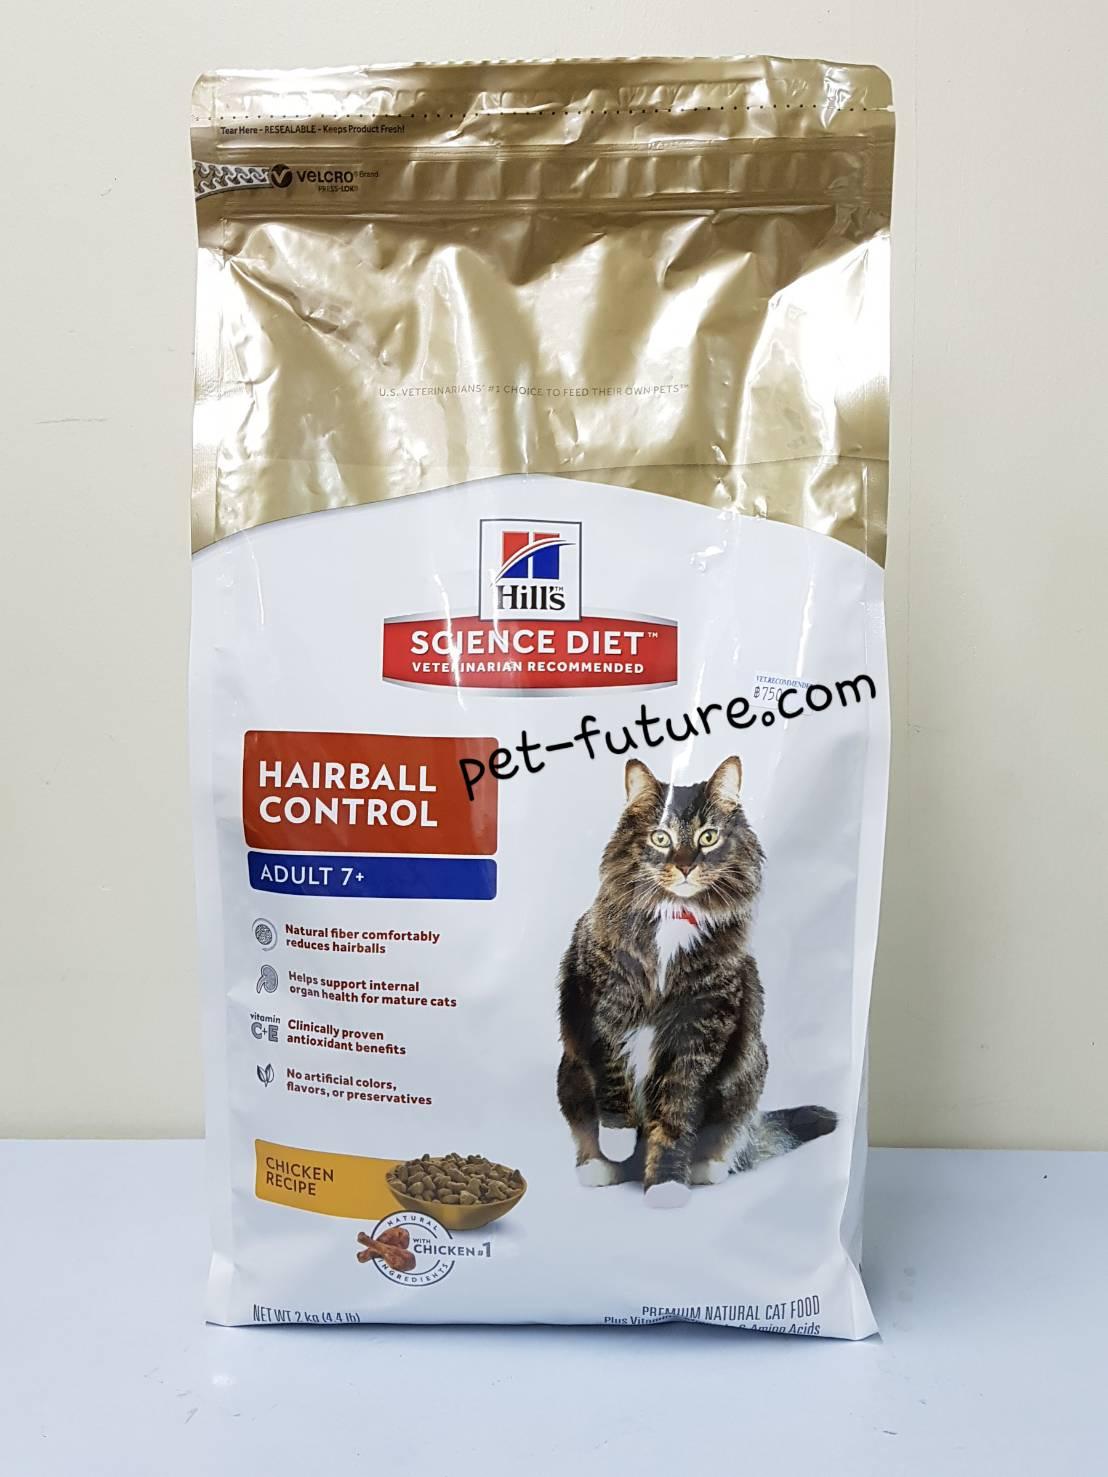 Hairball control Adult7+ 2 kg. Exp.02/19 สำหรับแมวแก่อายุ 7+ขึ้นไป เพื่อควบคุมปัญหาก้อนขน ค่ะ